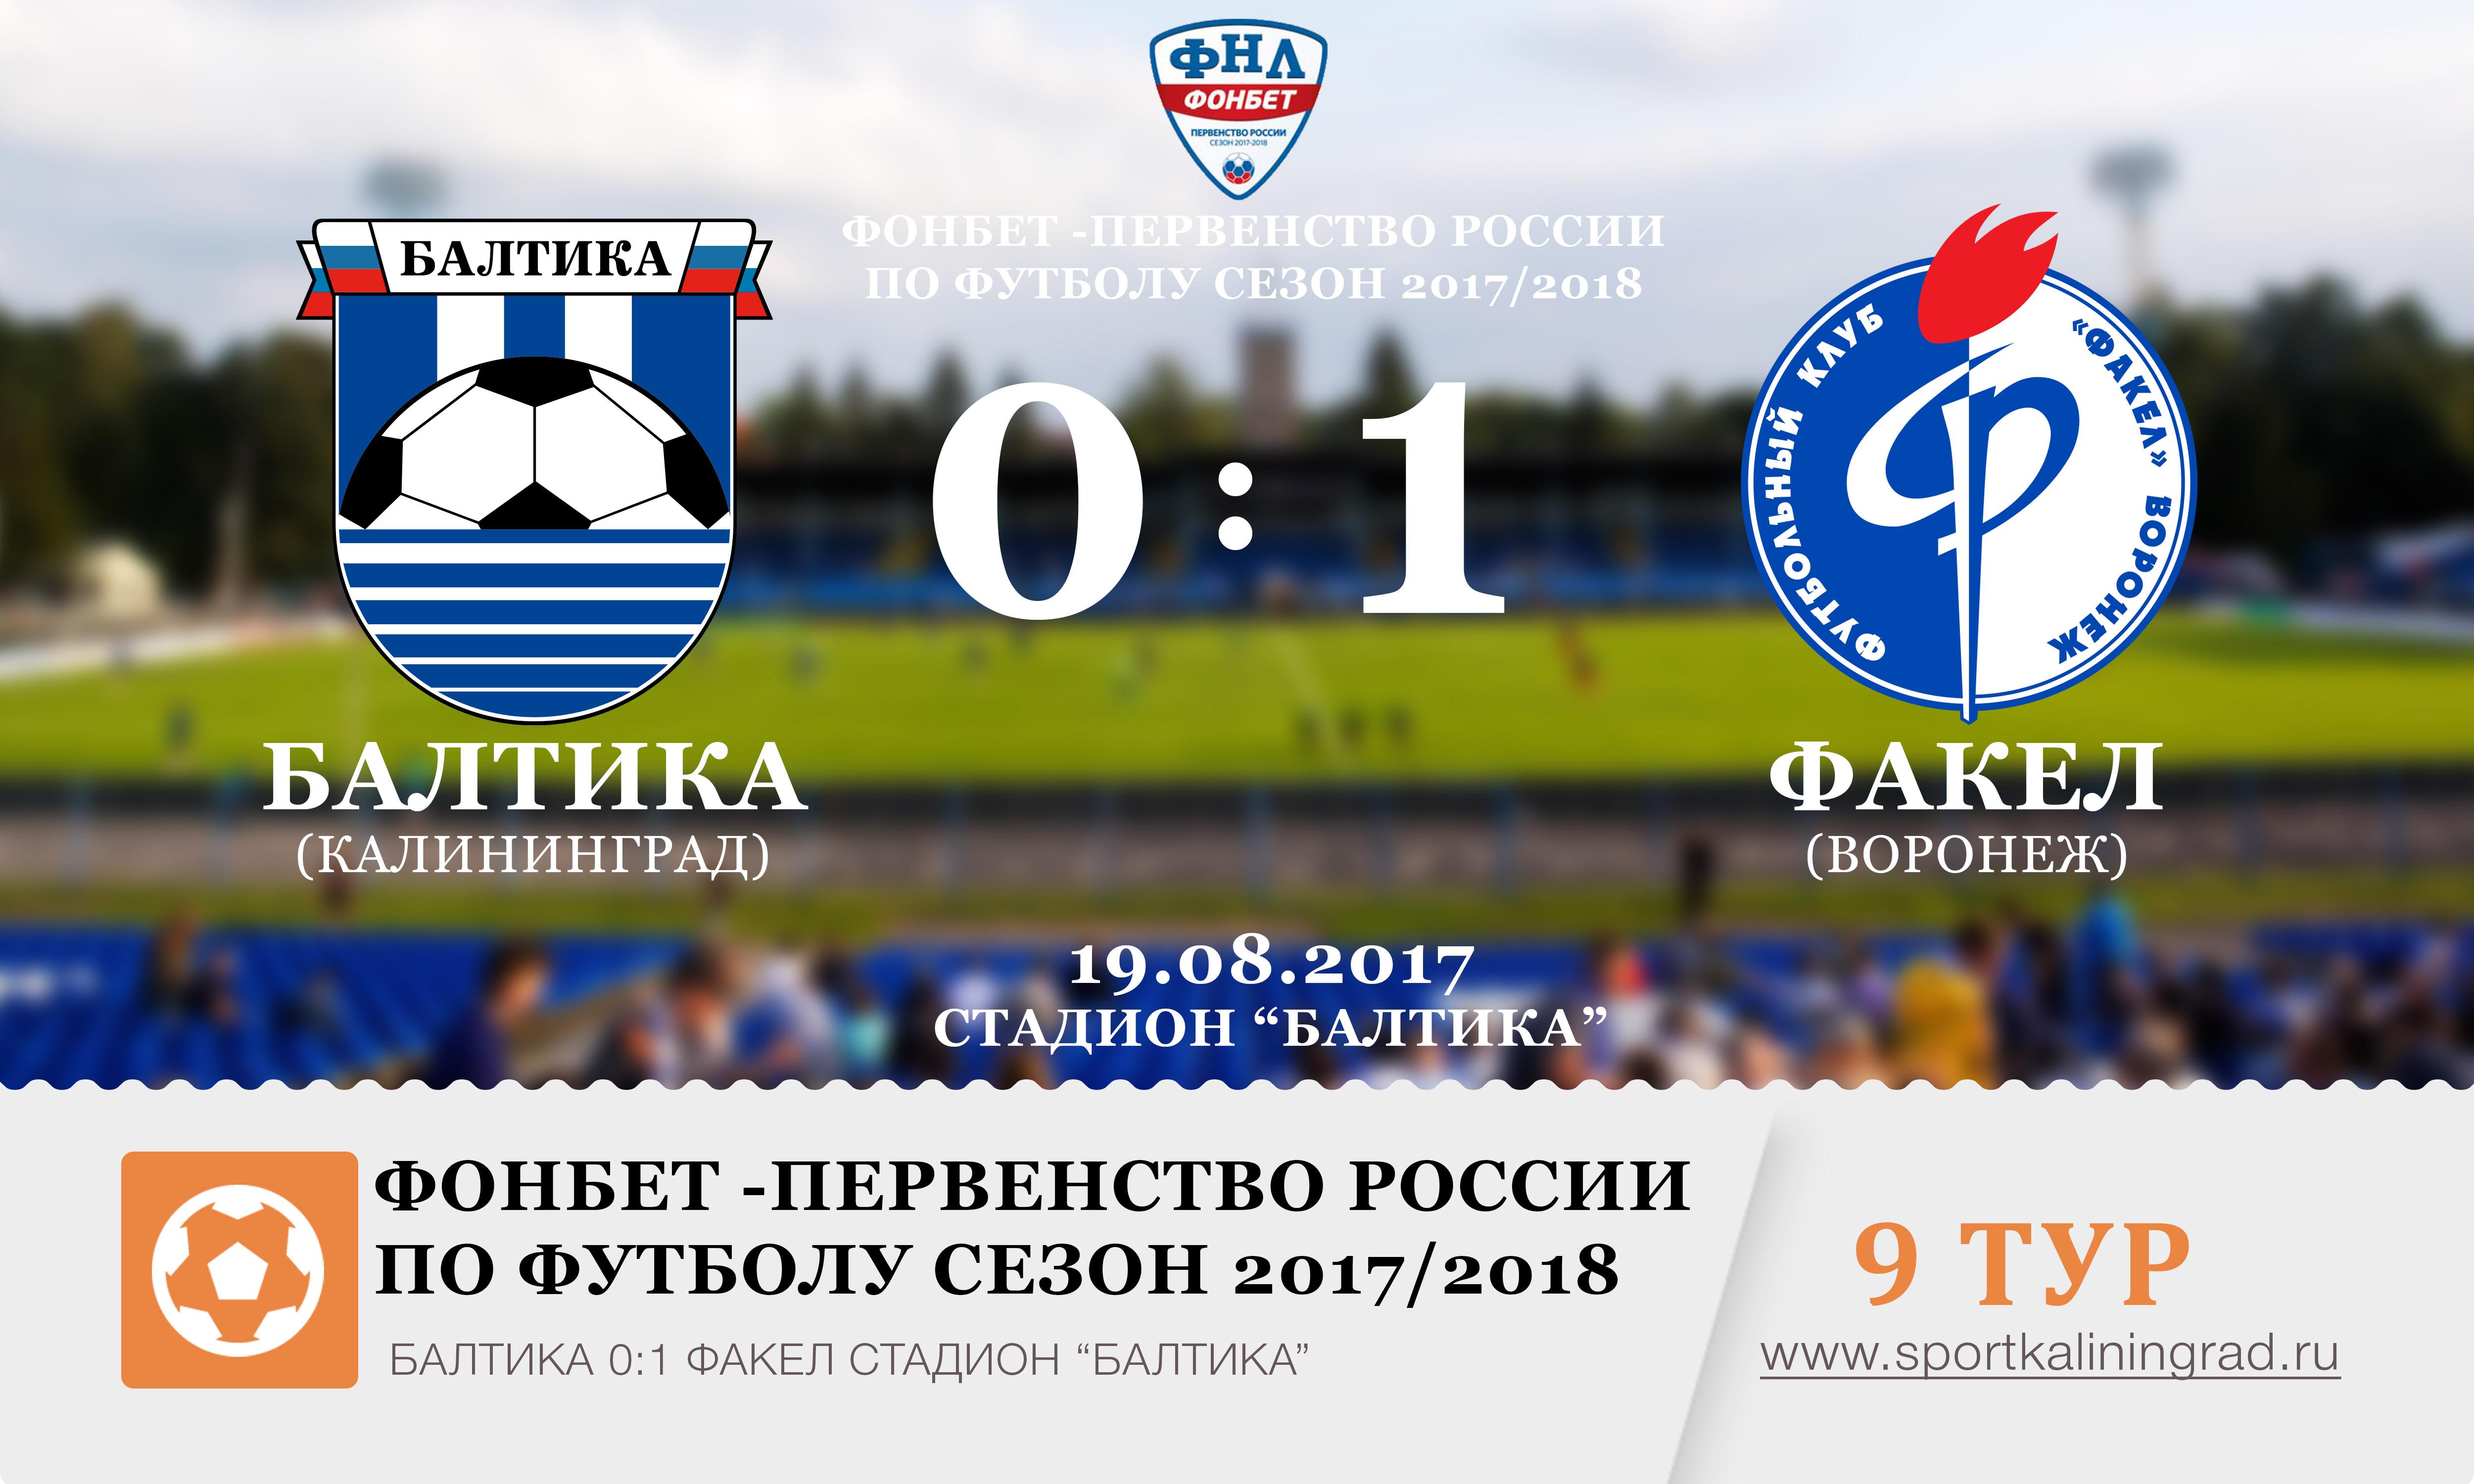 futbol-fnl-baltika-0-1-fakel-8-tur-2017-schet-sportkaliningrad